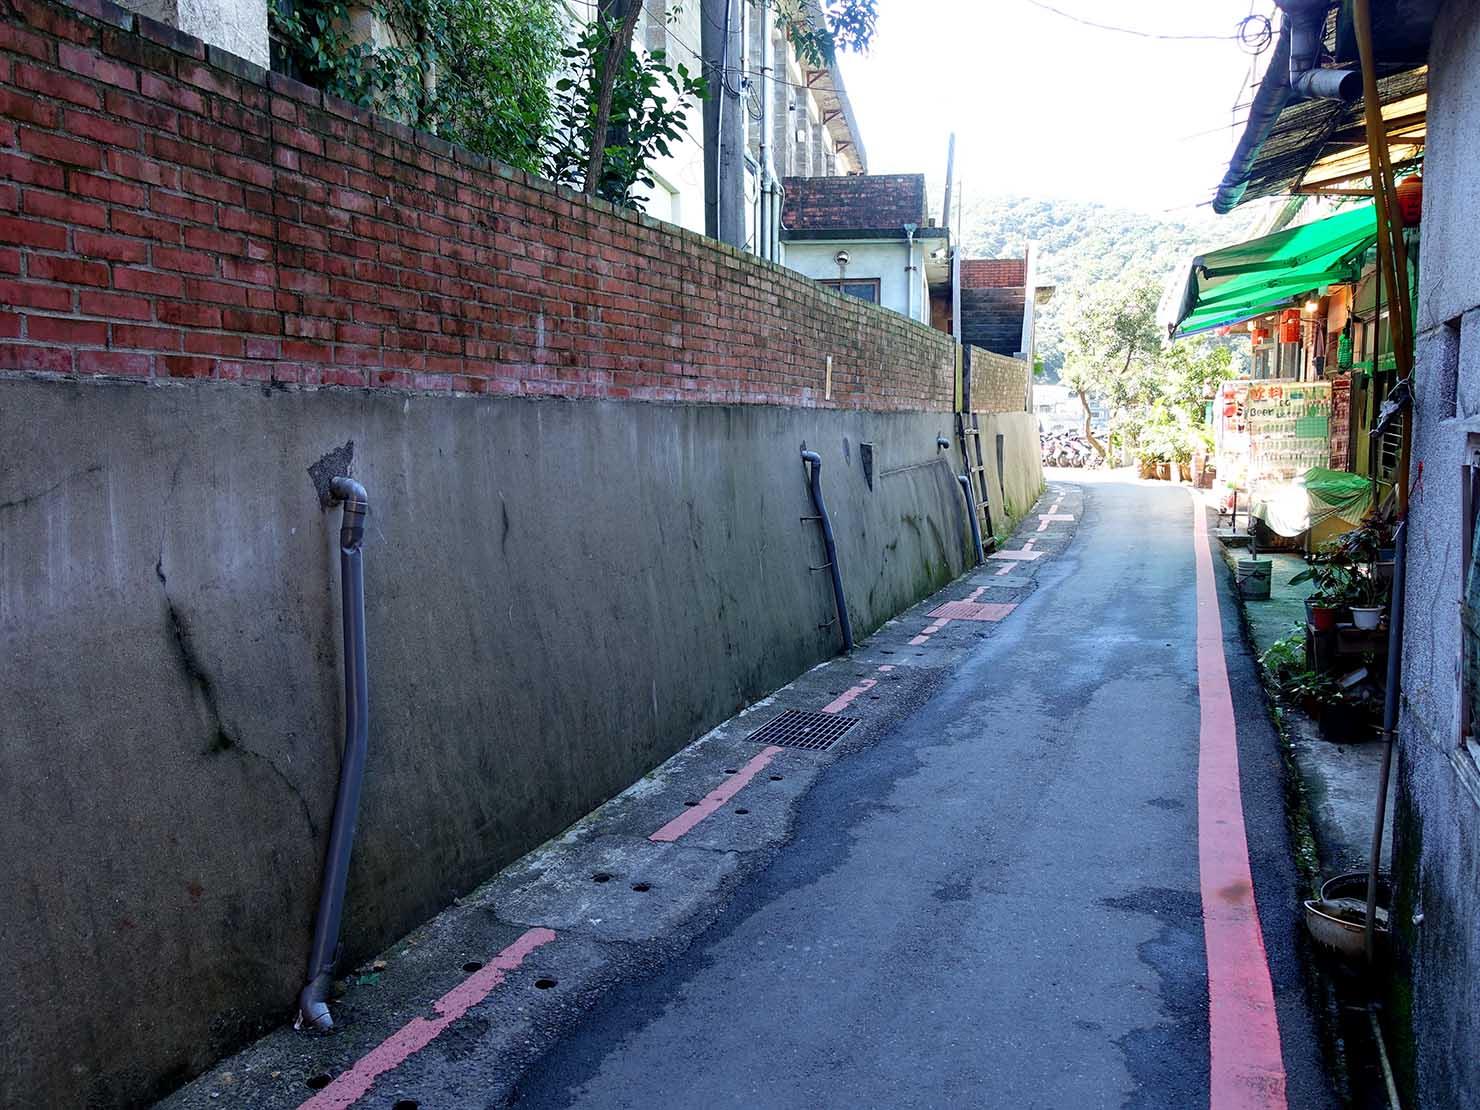 台北・九份の輕便路にあるレンガ造りの通り